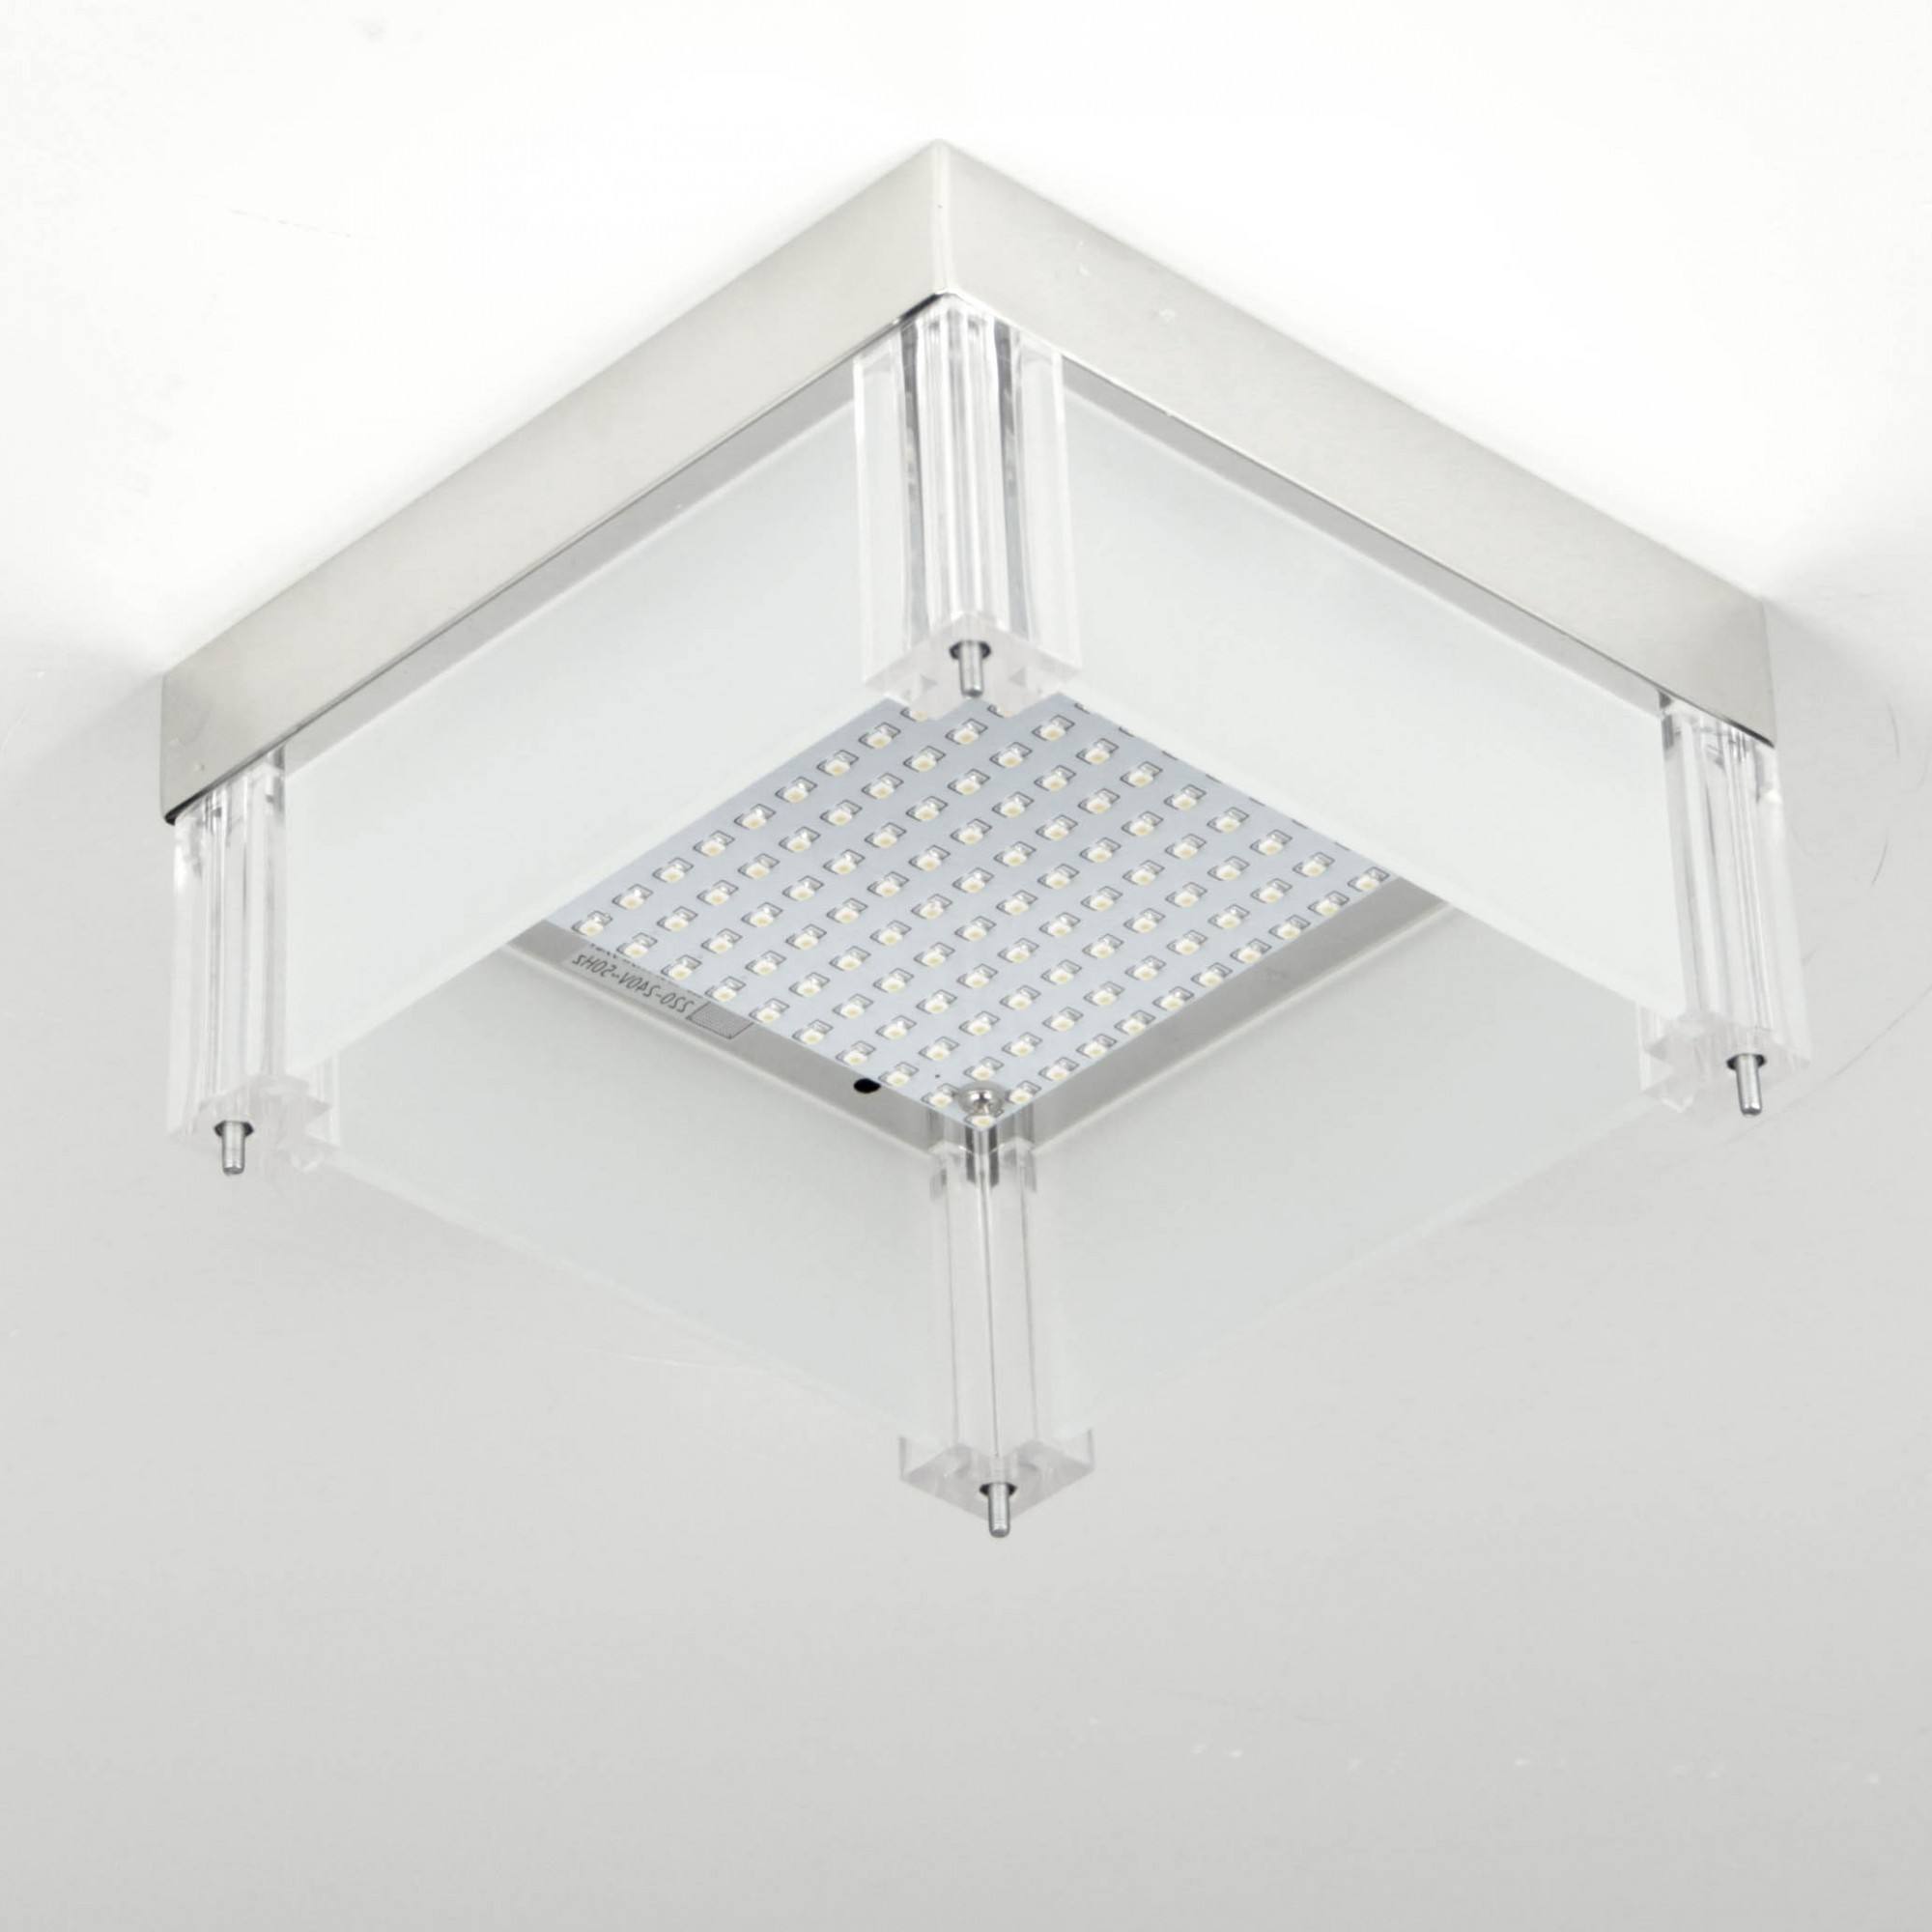 leah led deckenleuchte mit kristallen 28x28 cm 12w chrom deckenlampe kaufen bei. Black Bedroom Furniture Sets. Home Design Ideas